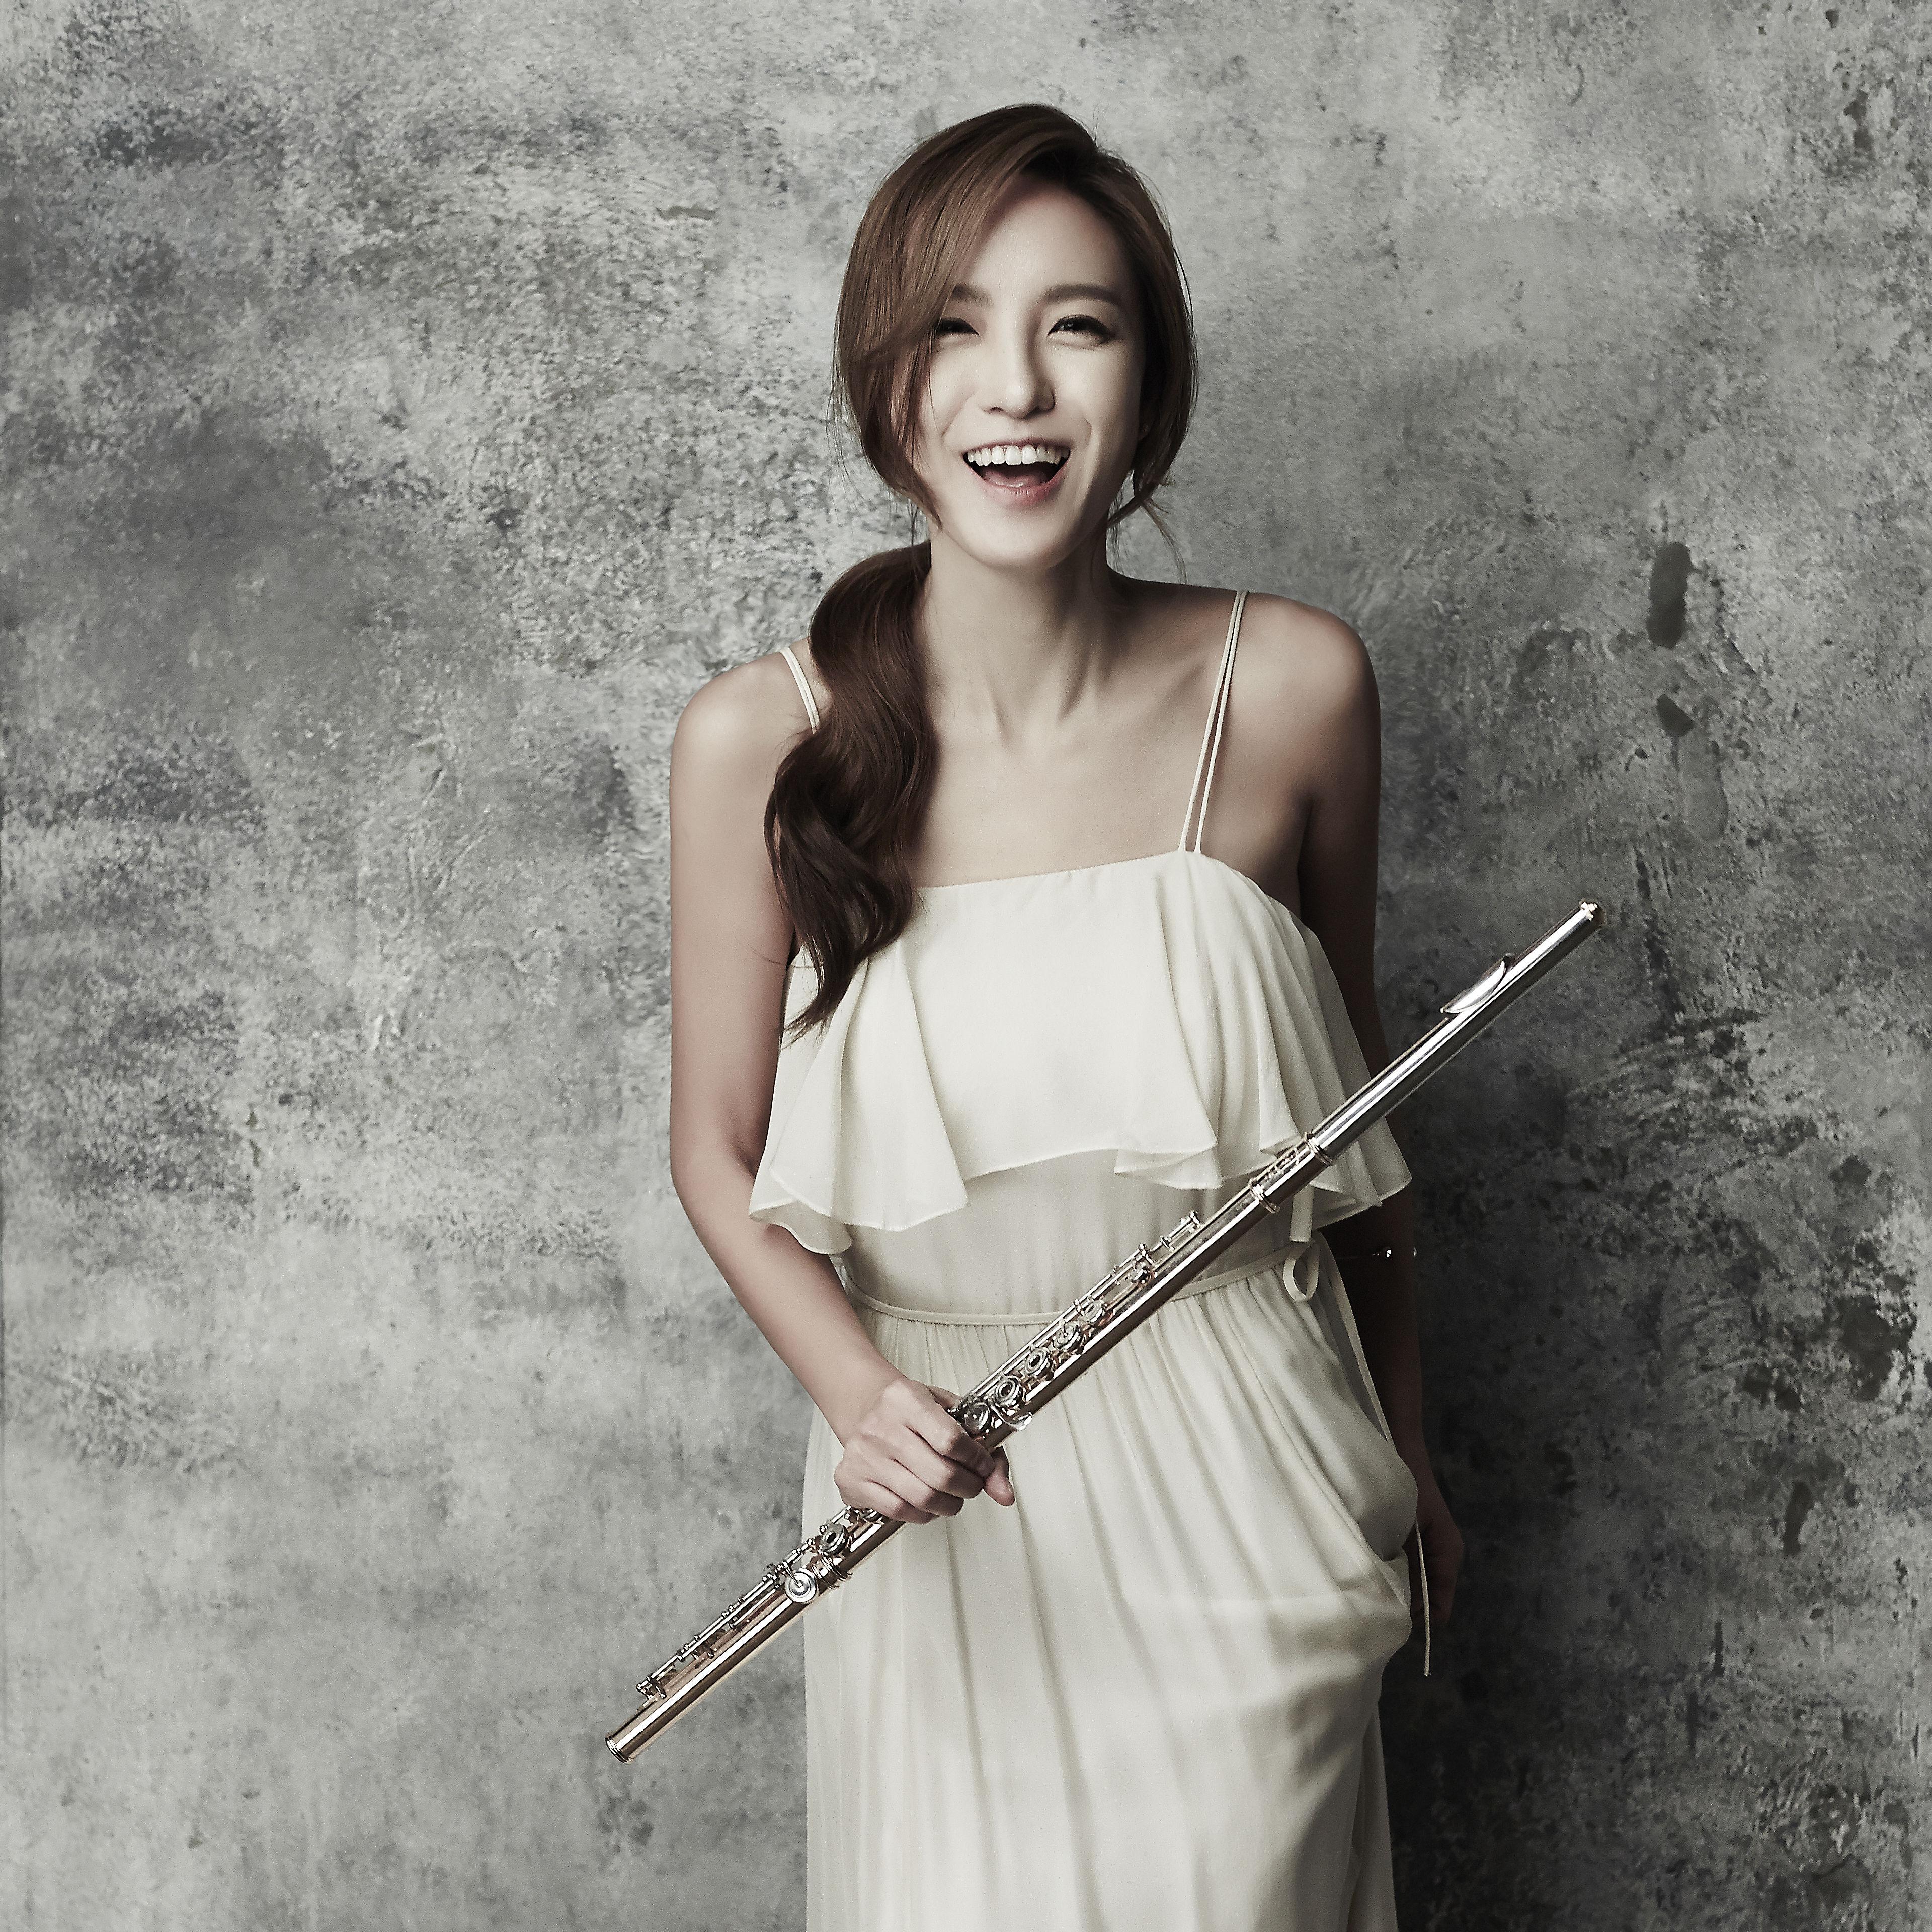 Jasmine choi  credit sangwook lee vl2x8k